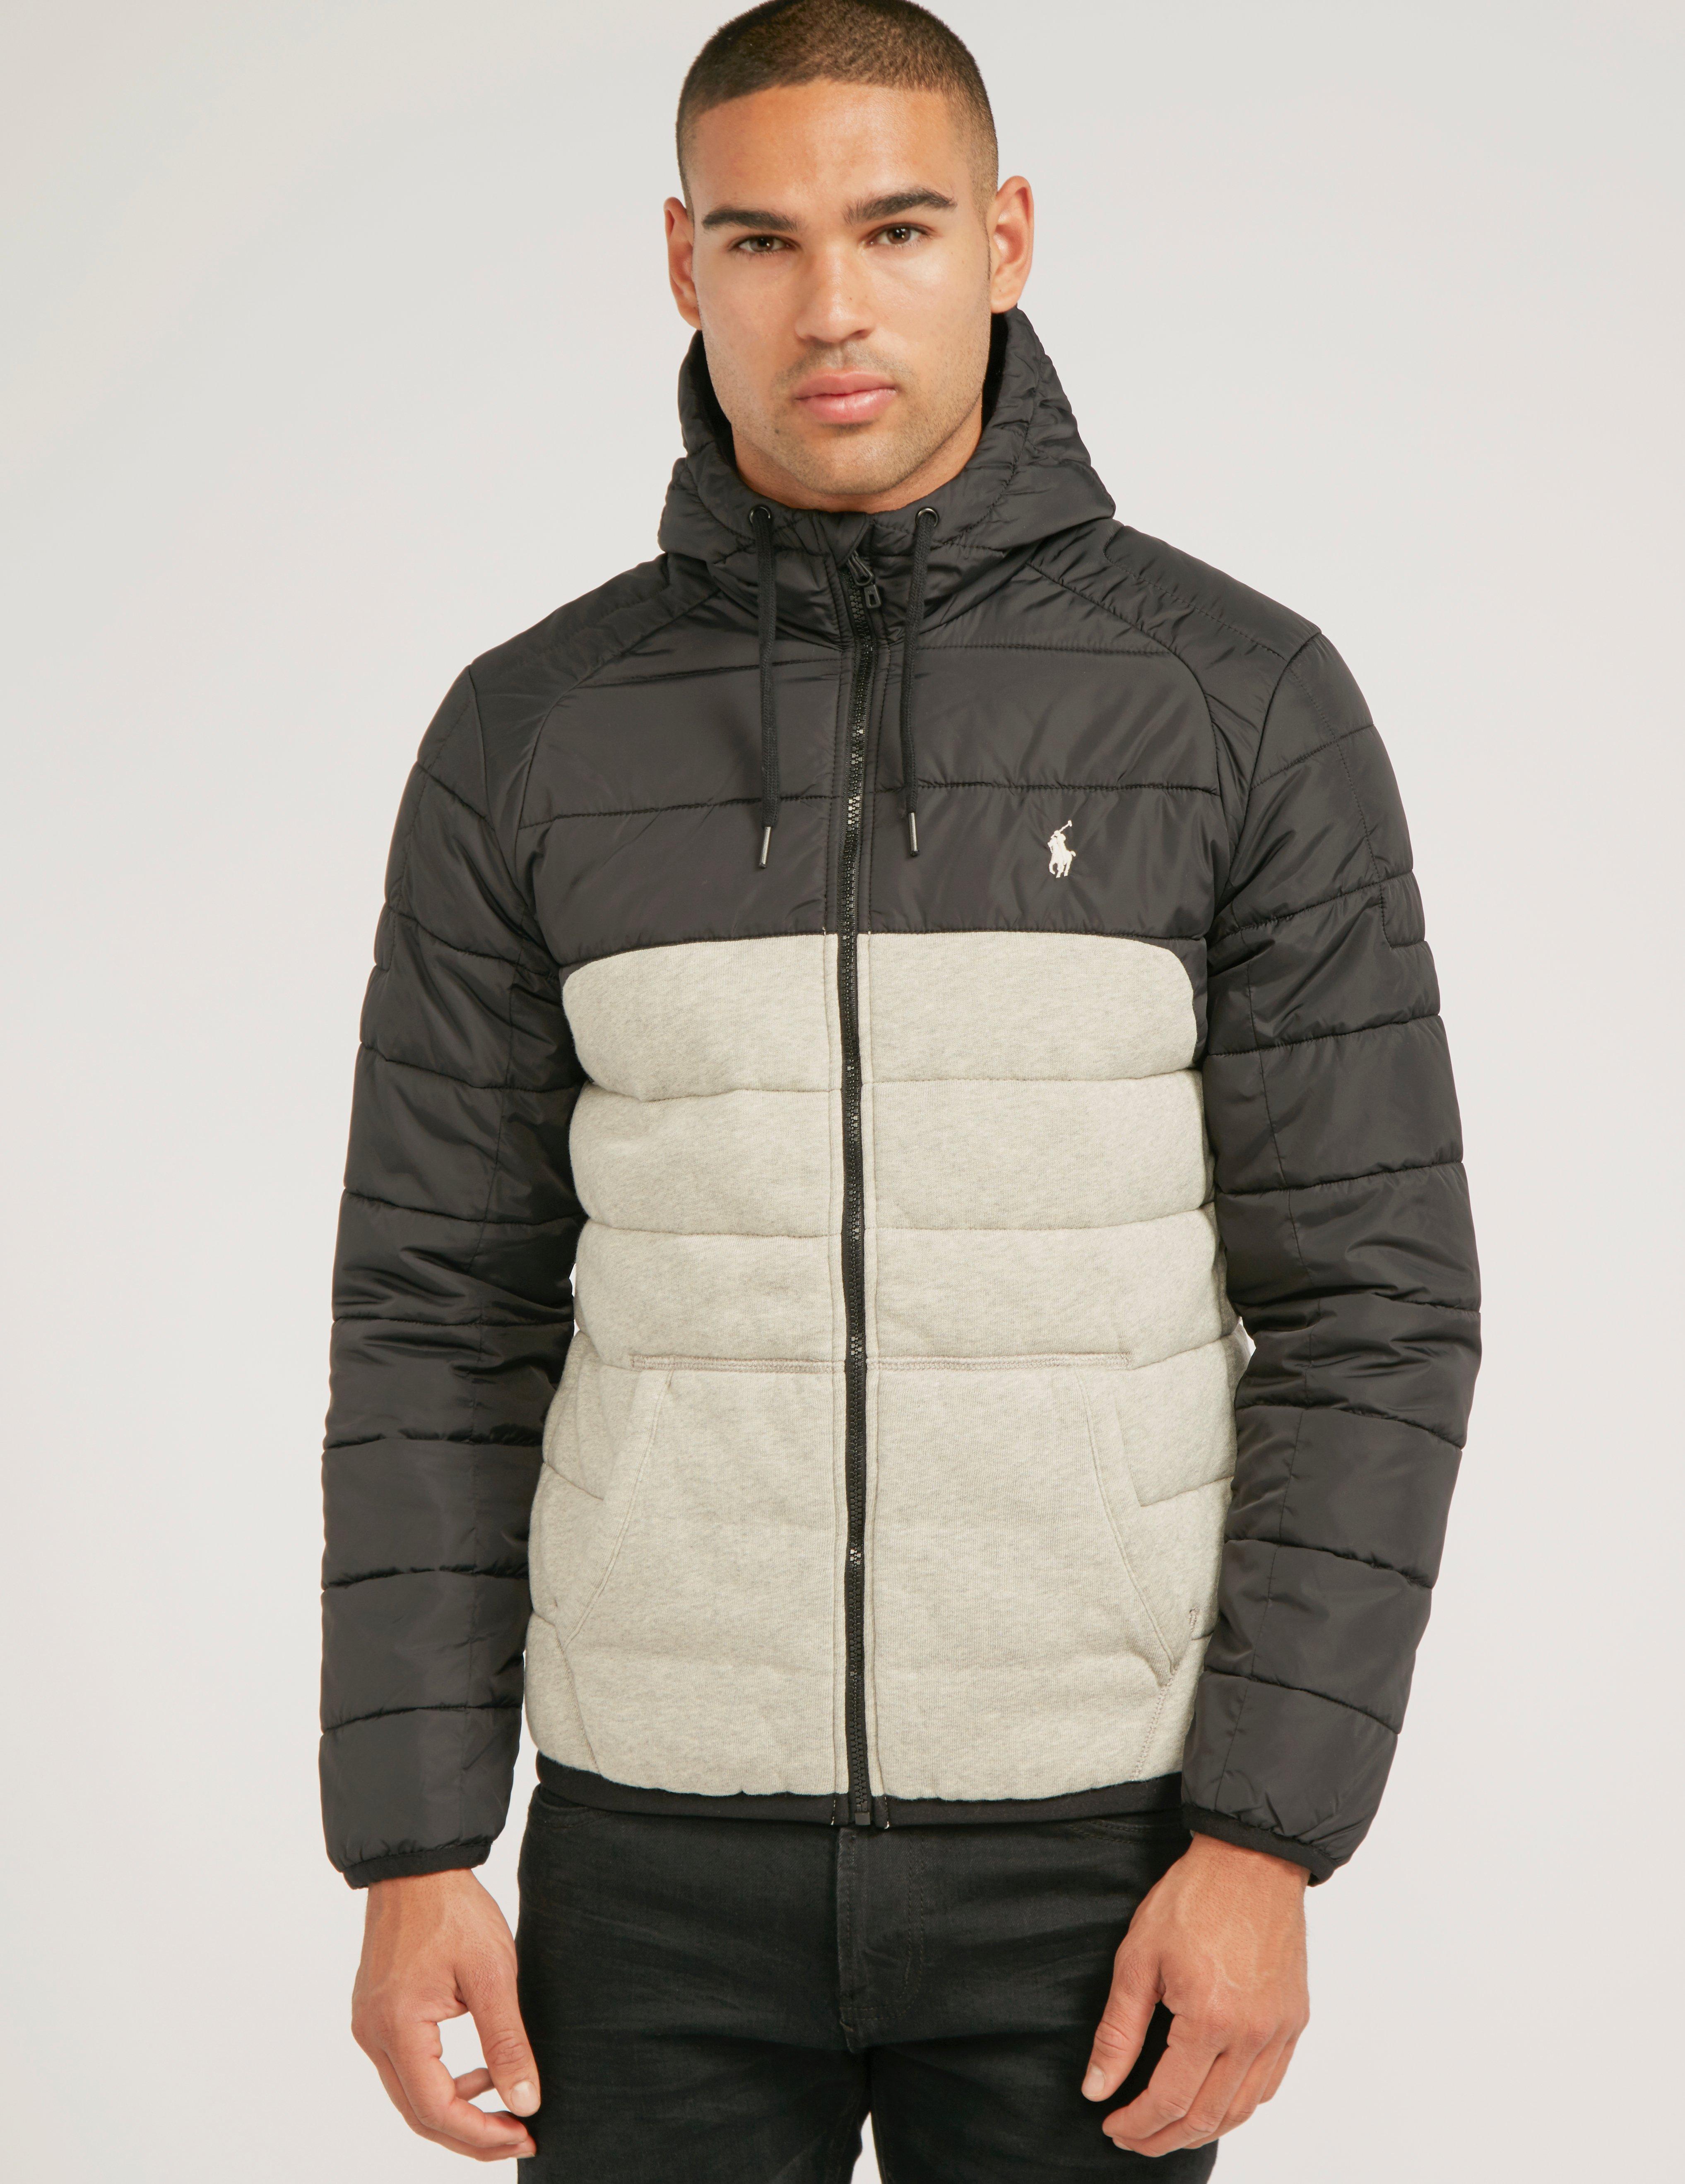 Ralph lauren jacket nylon